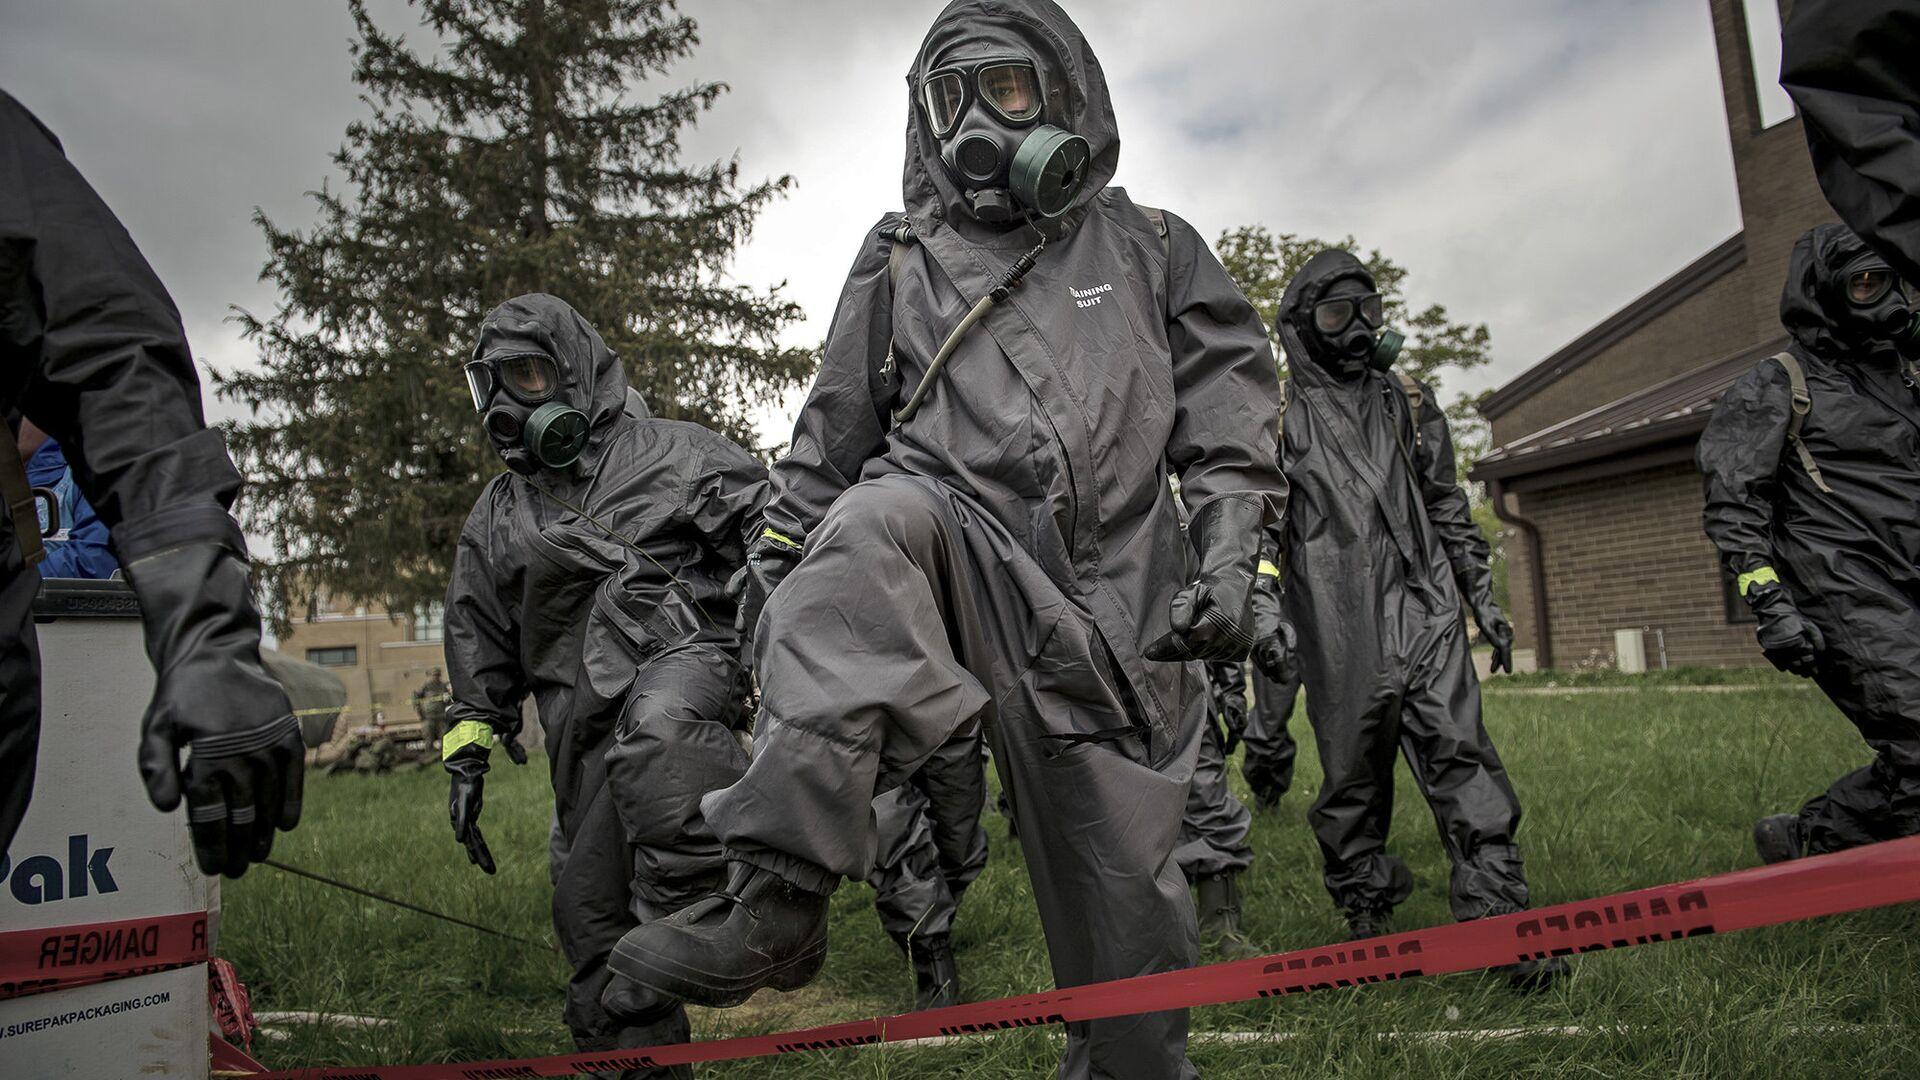 Военнослужащие химико-биологического подразделения армии США во время учений  - РИА Новости, 1920, 24.12.2020